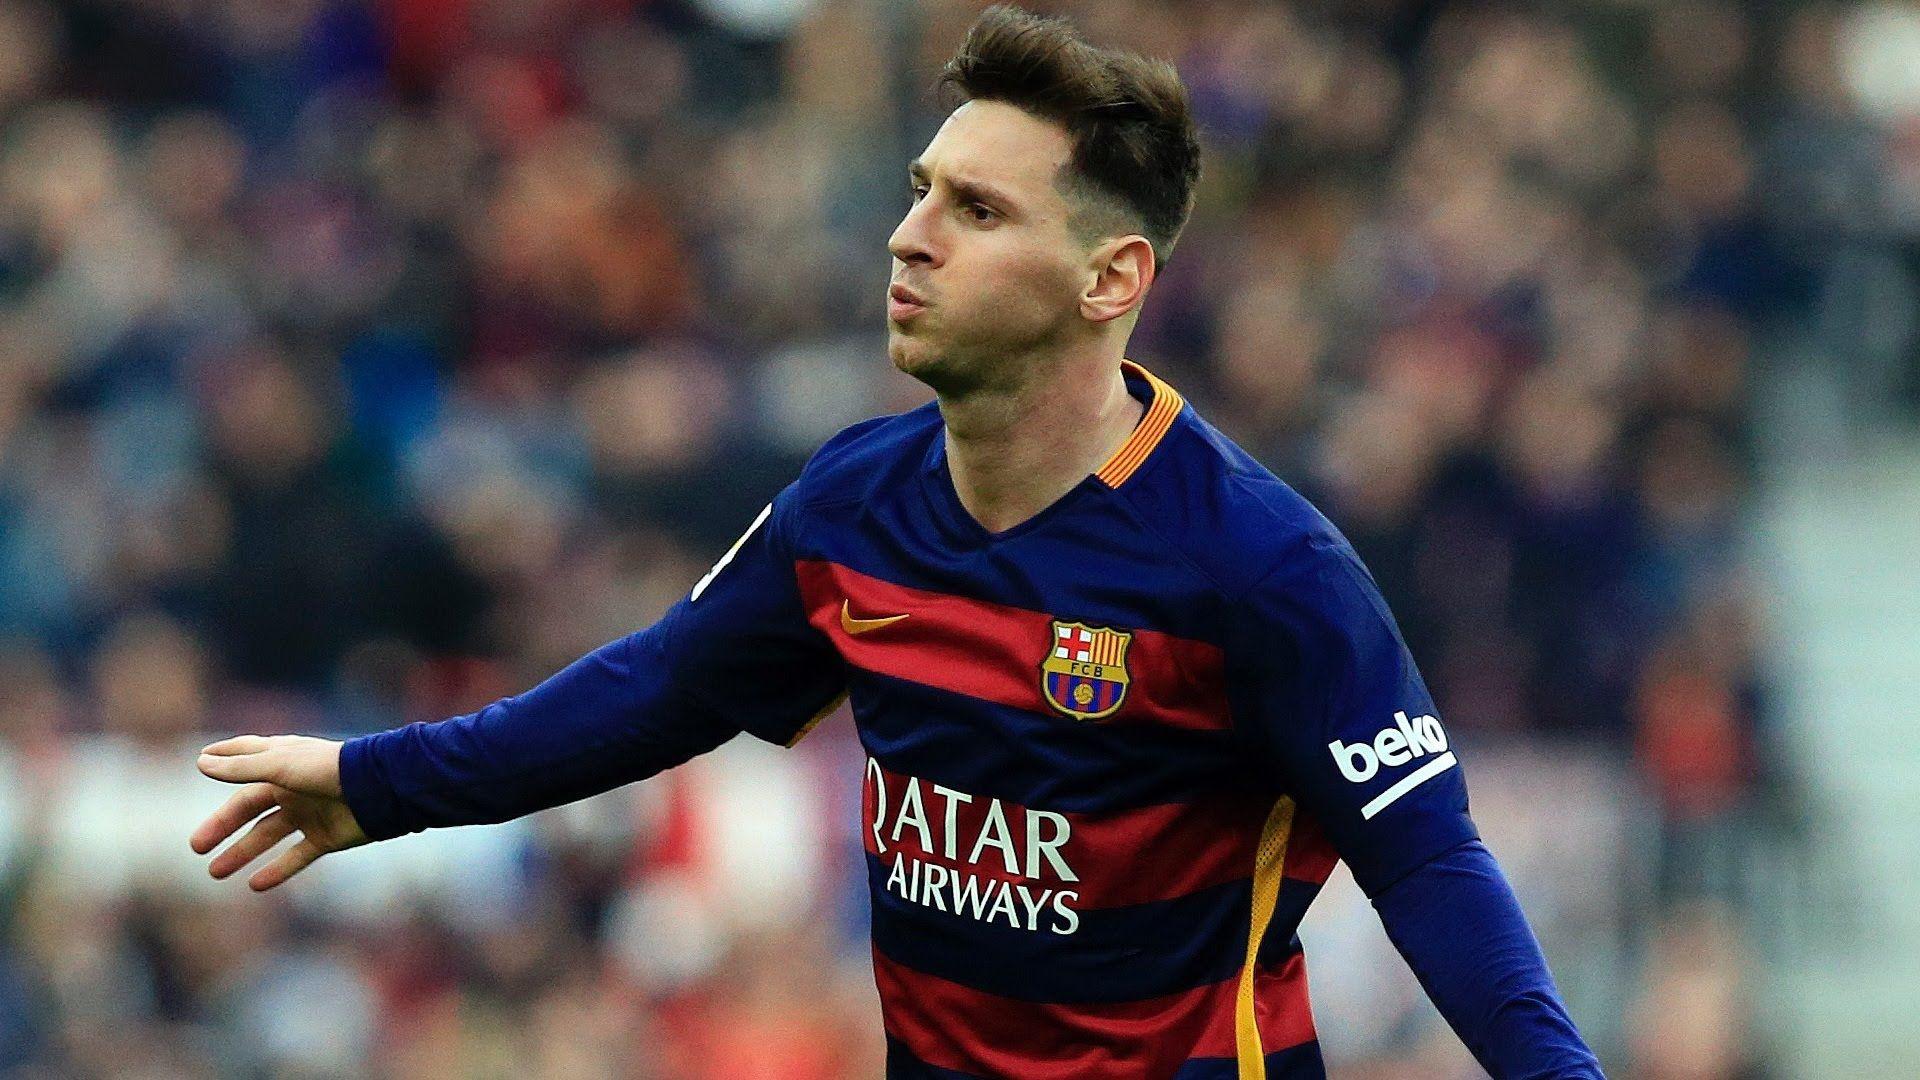 Lionel Messi Rap Una Y Mil Partidas Hd 2015 2016 Lionel Messi Messi Rap